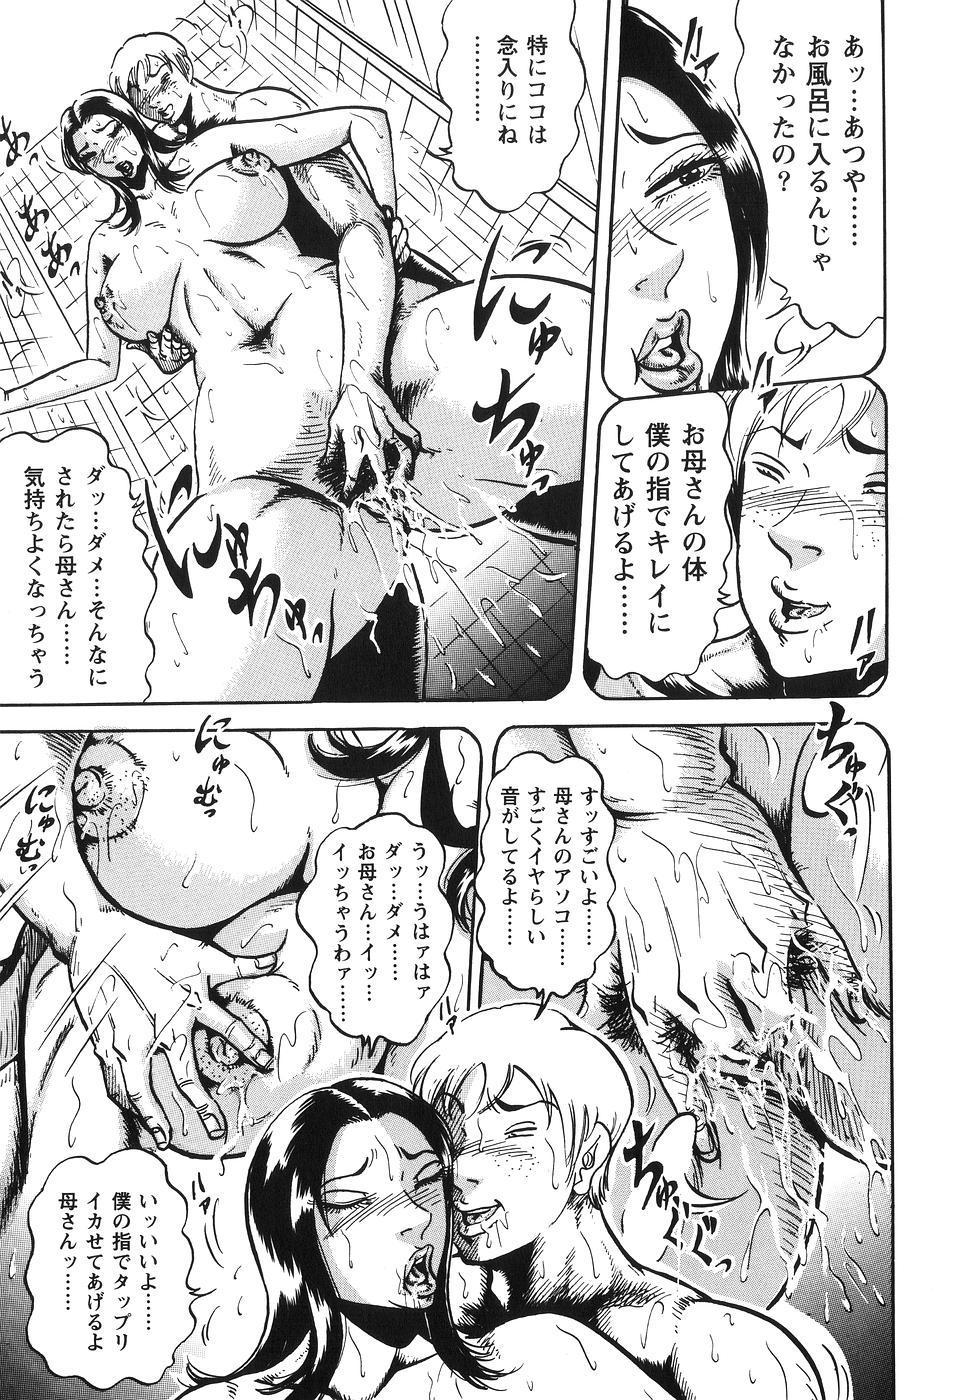 Jukubo Soukan Yosoji no Tawamure 122